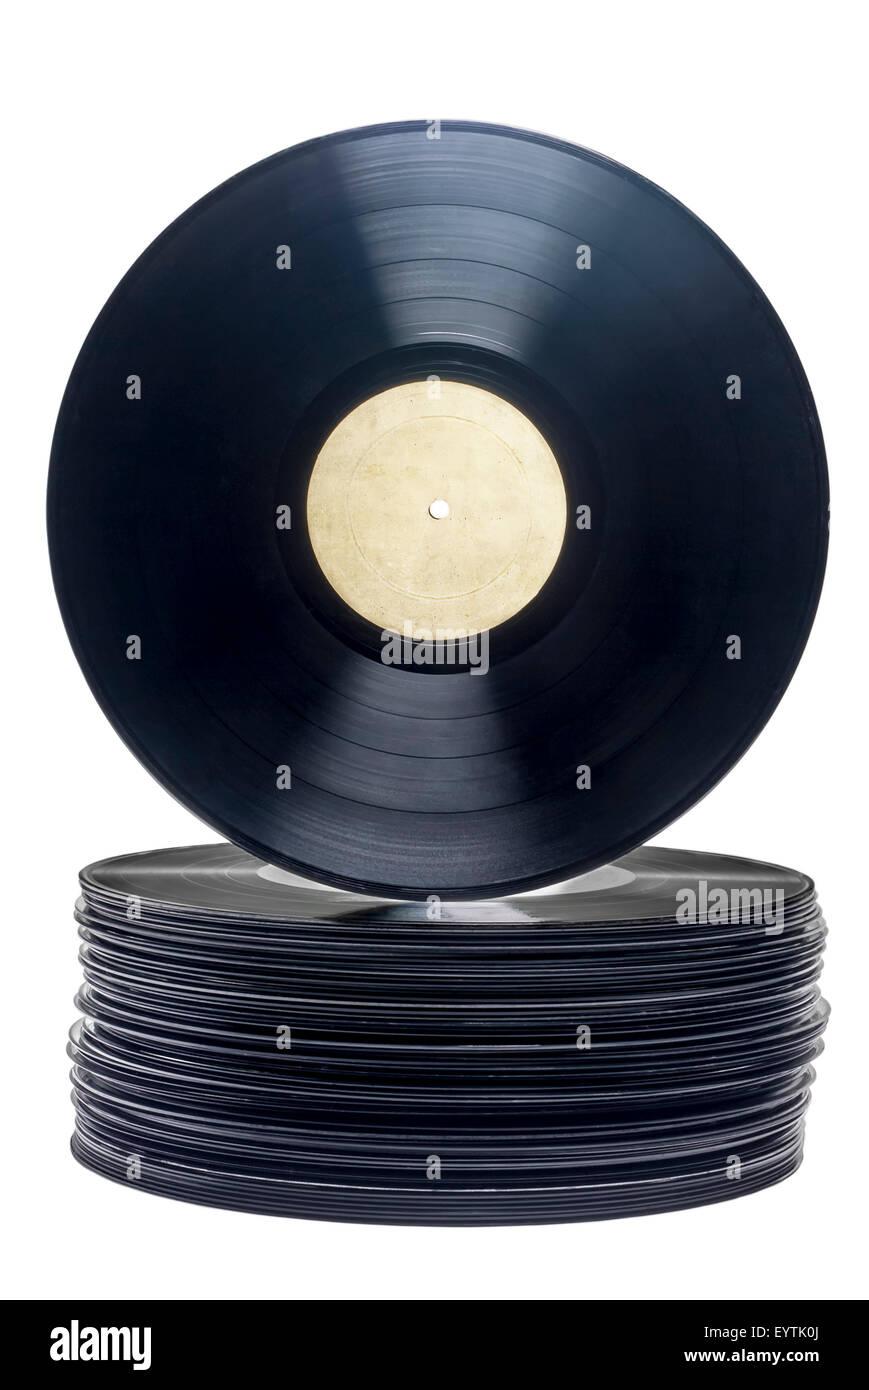 Stapel von Vinyl, lange spielen Datensätze mit Beschriftung auf weißem Hintergrund. Stockfoto